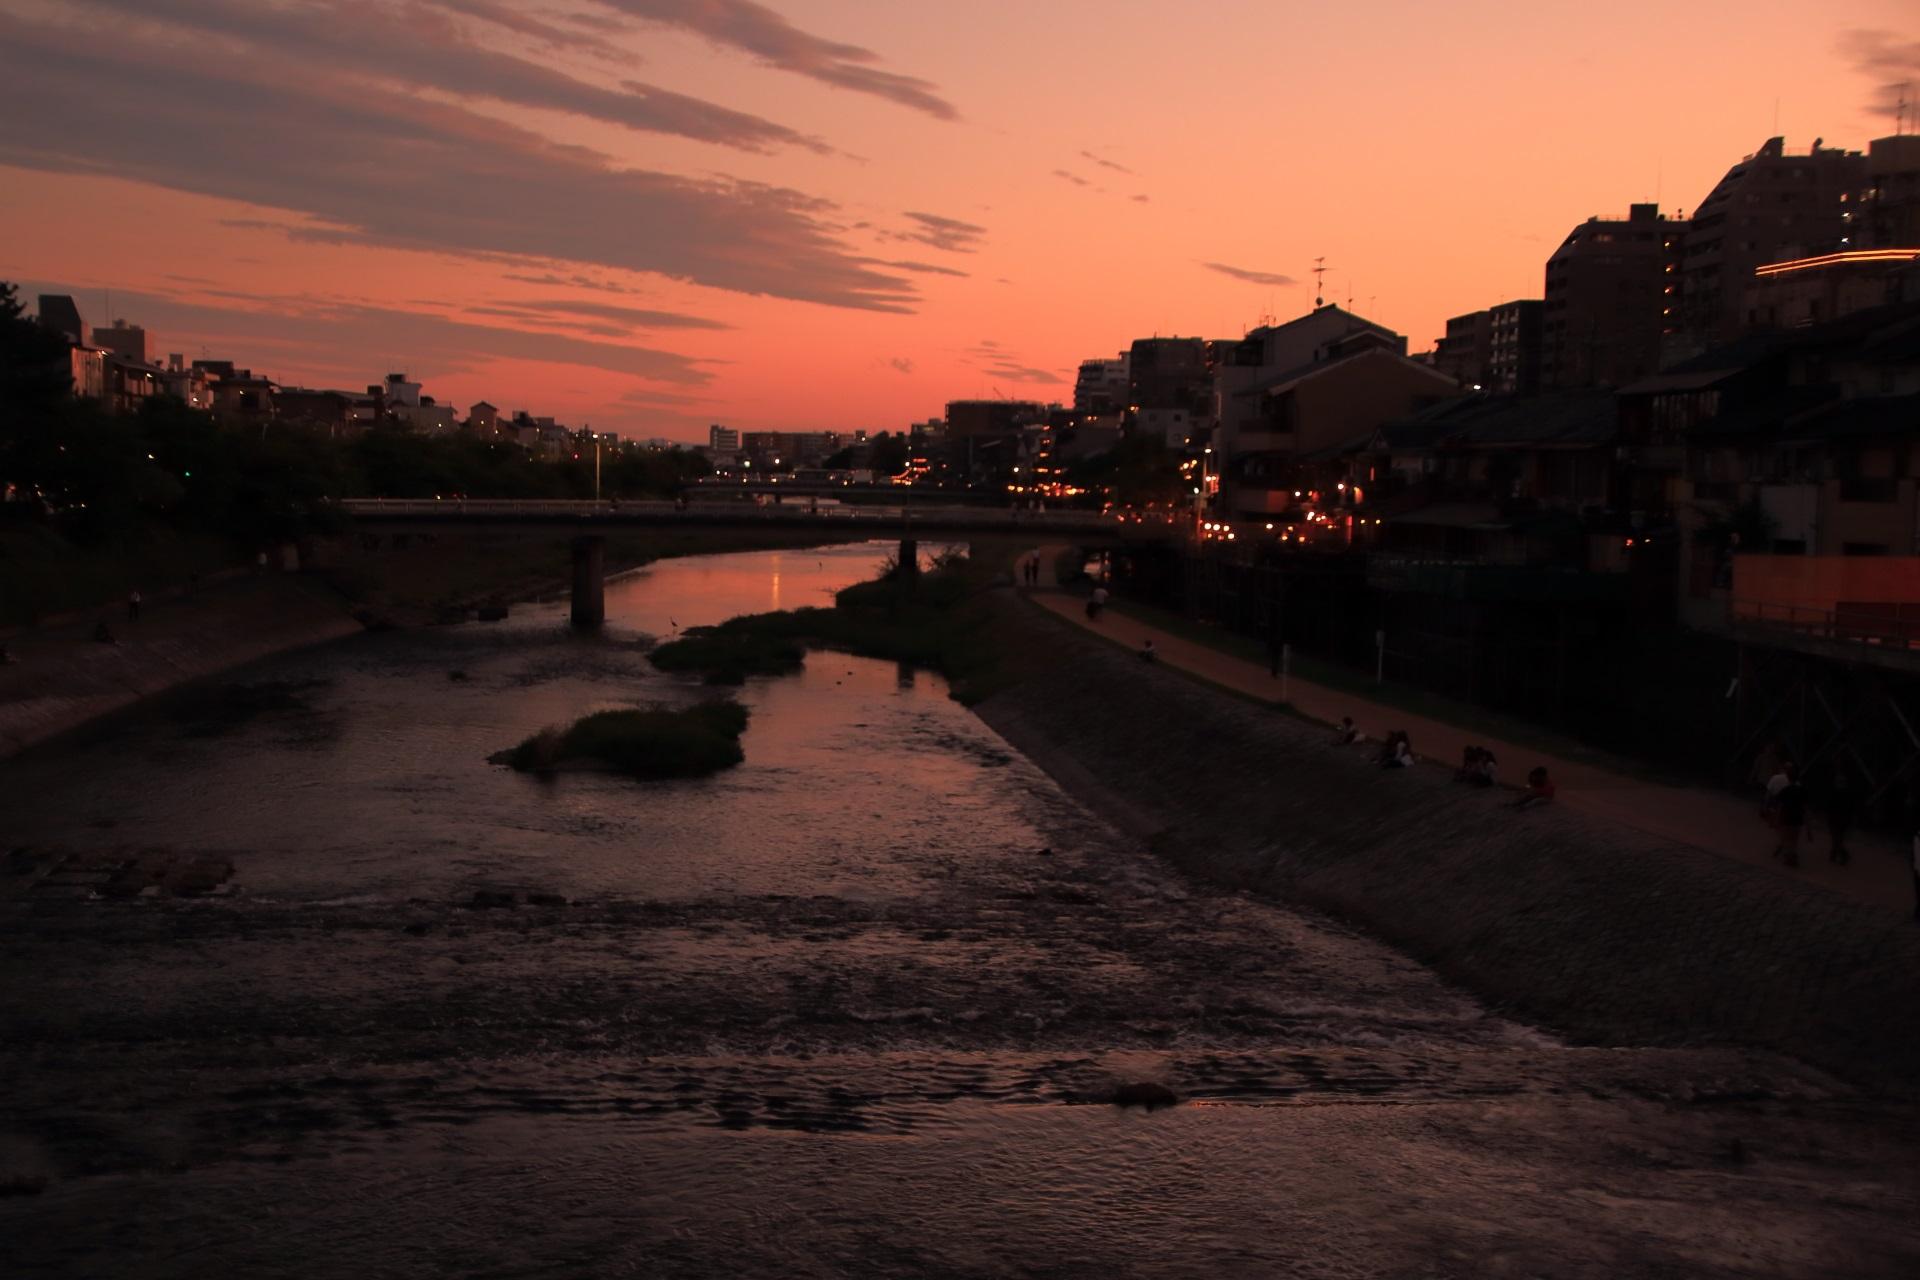 夕焼けで川面が赤く染まる鴨川